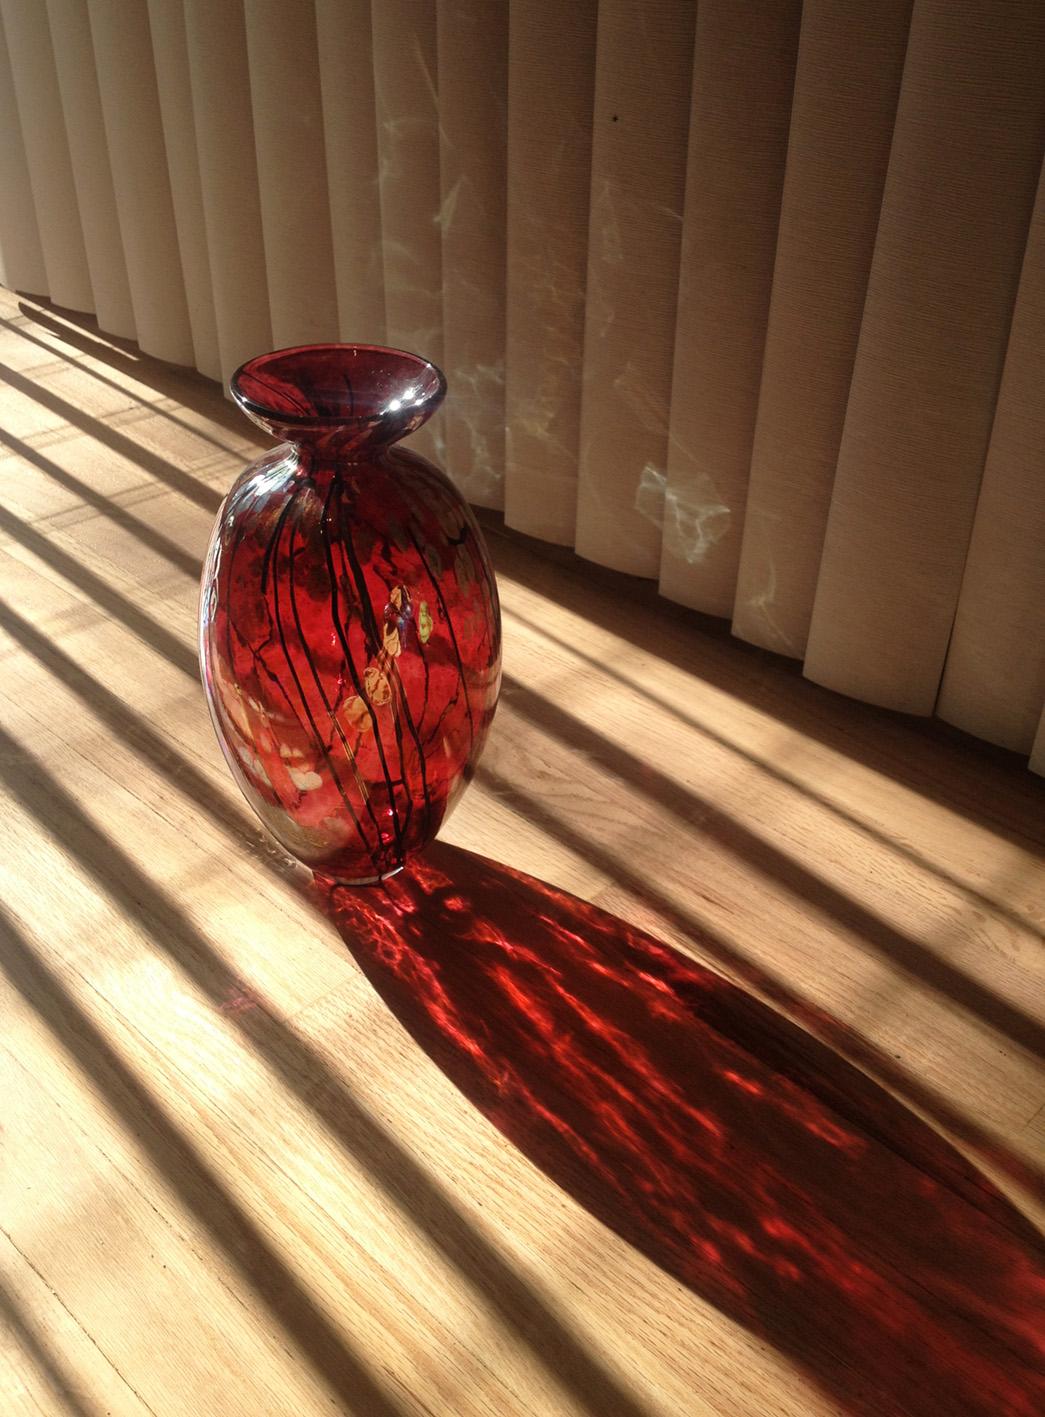 vases_3B_red.jpg